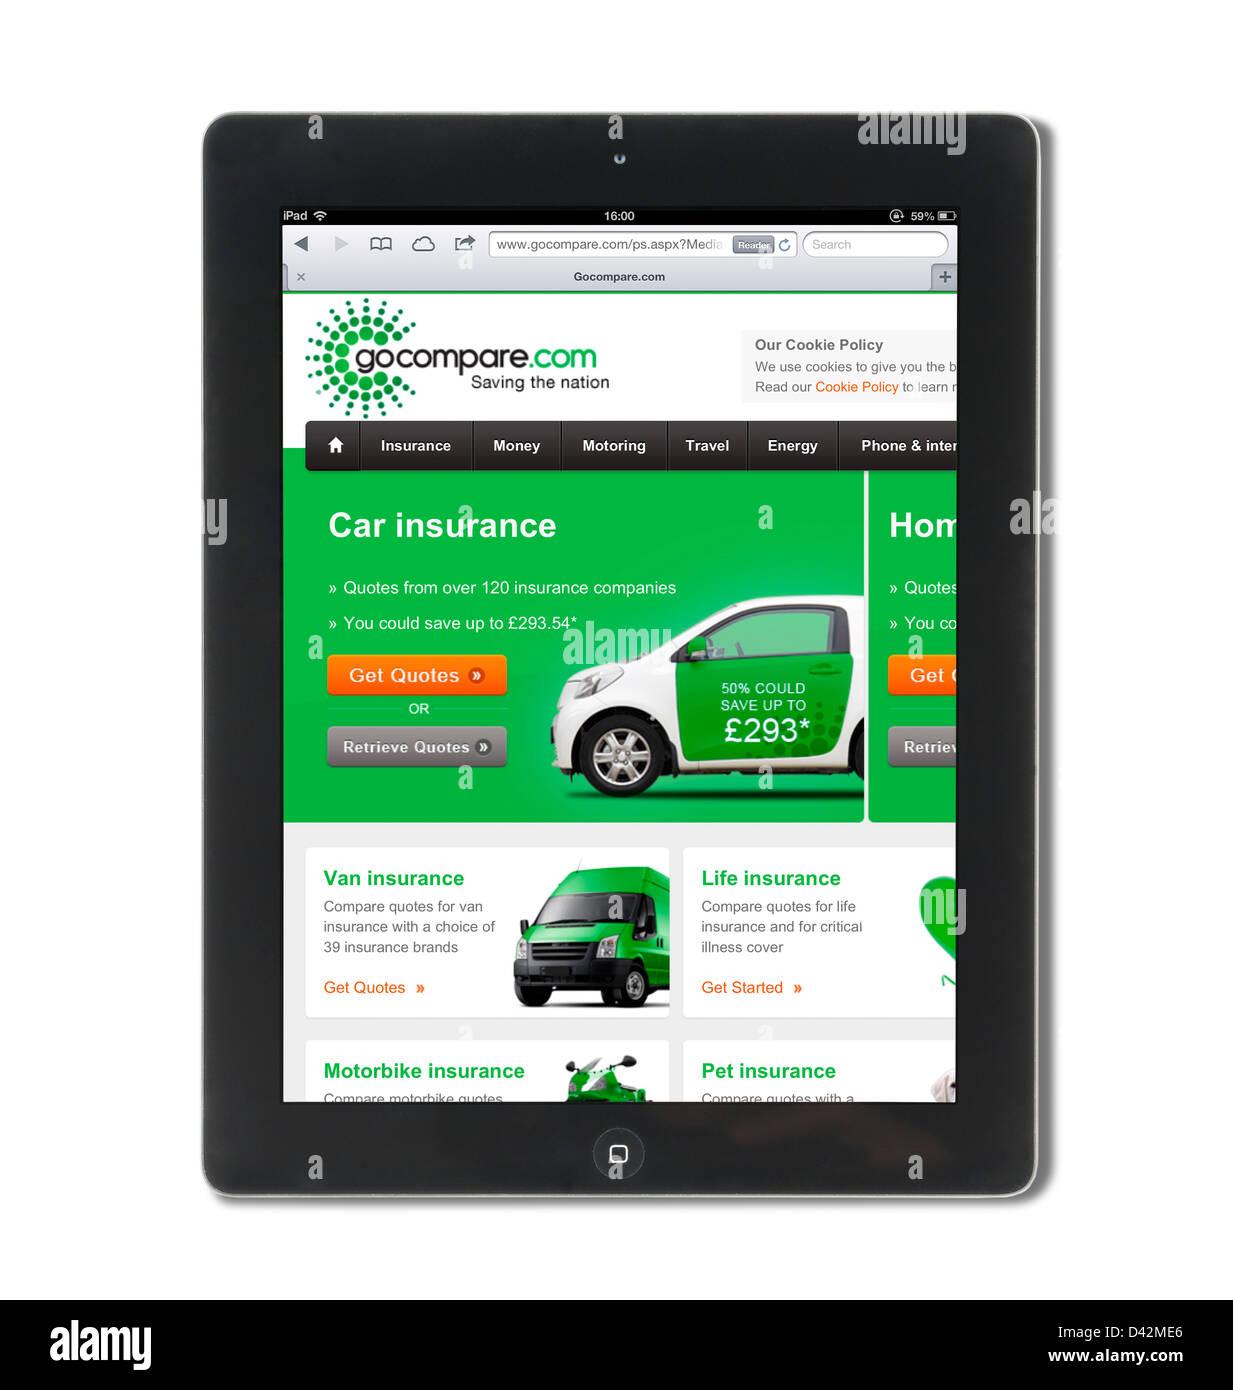 Il confronto assicurazione gocompare.com.com sito web visualizzato su un iPad 4, REGNO UNITO Immagini Stock